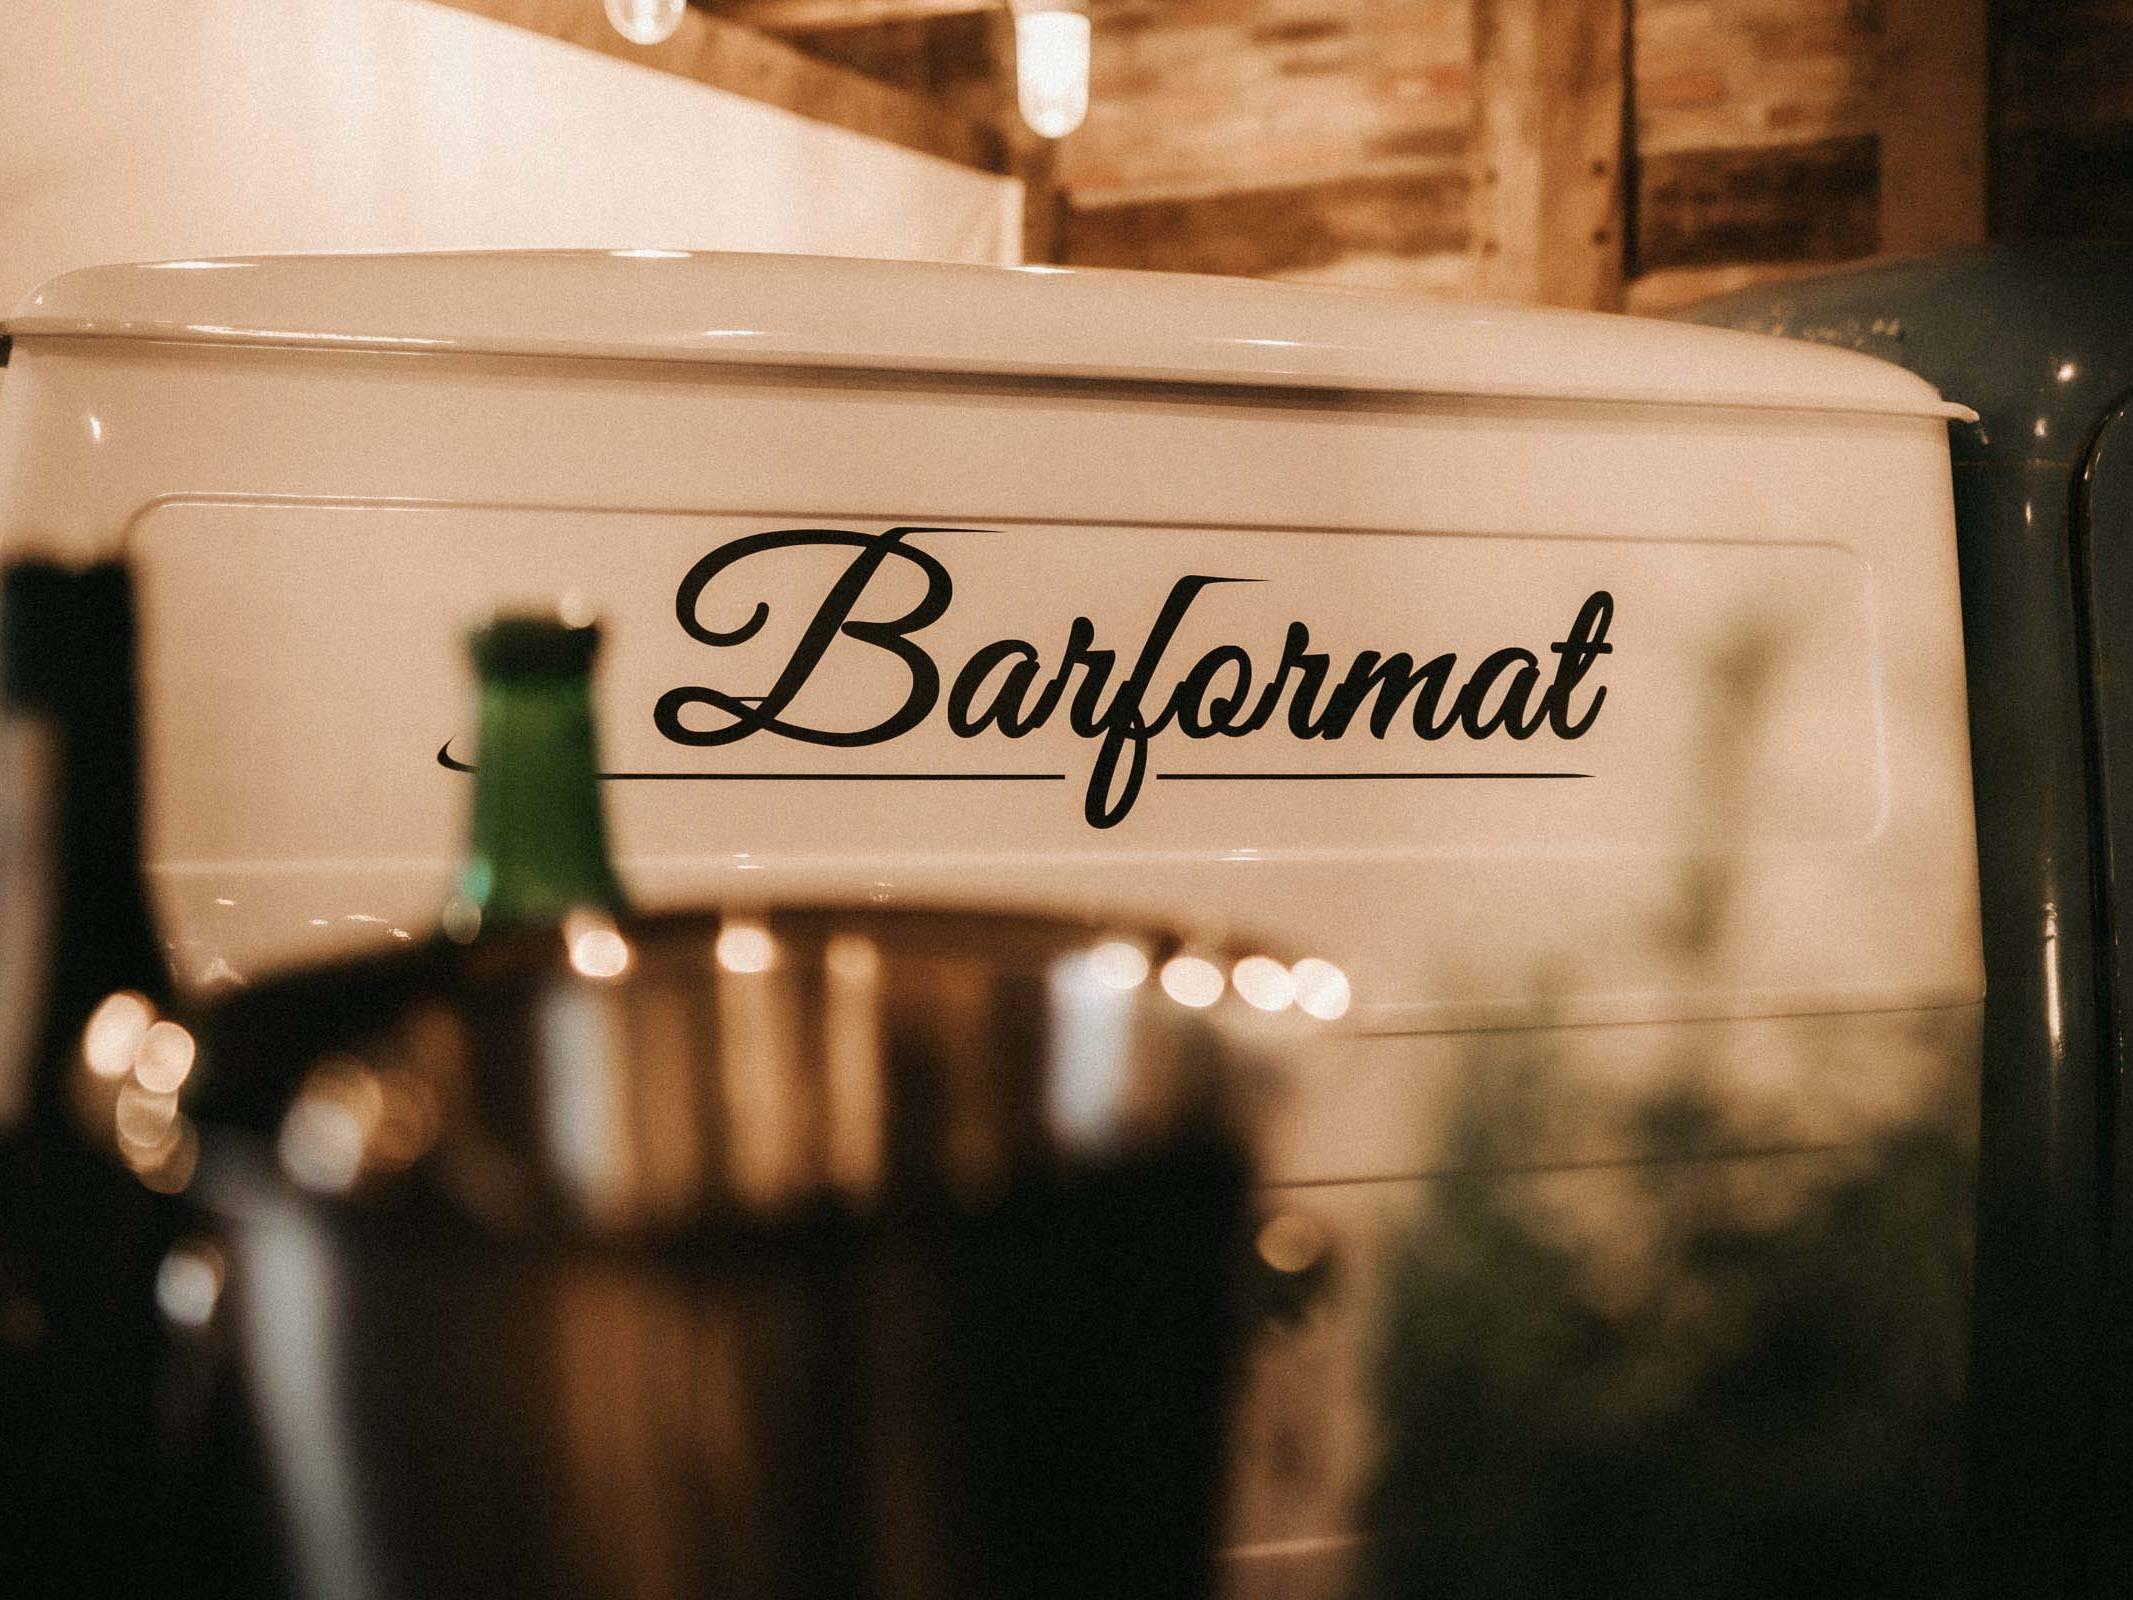 Hamburgfeiert | Mobile | Bar | Hannover | Höxter | Bielefeld | Braunschweig | Cocktailbar | Sektempfang | Bulli | Bar | Hochzeit | Cocktailservice | Standesamt | Barkeeper | Messen | Firmenfeiern | Catering | Food | Truck